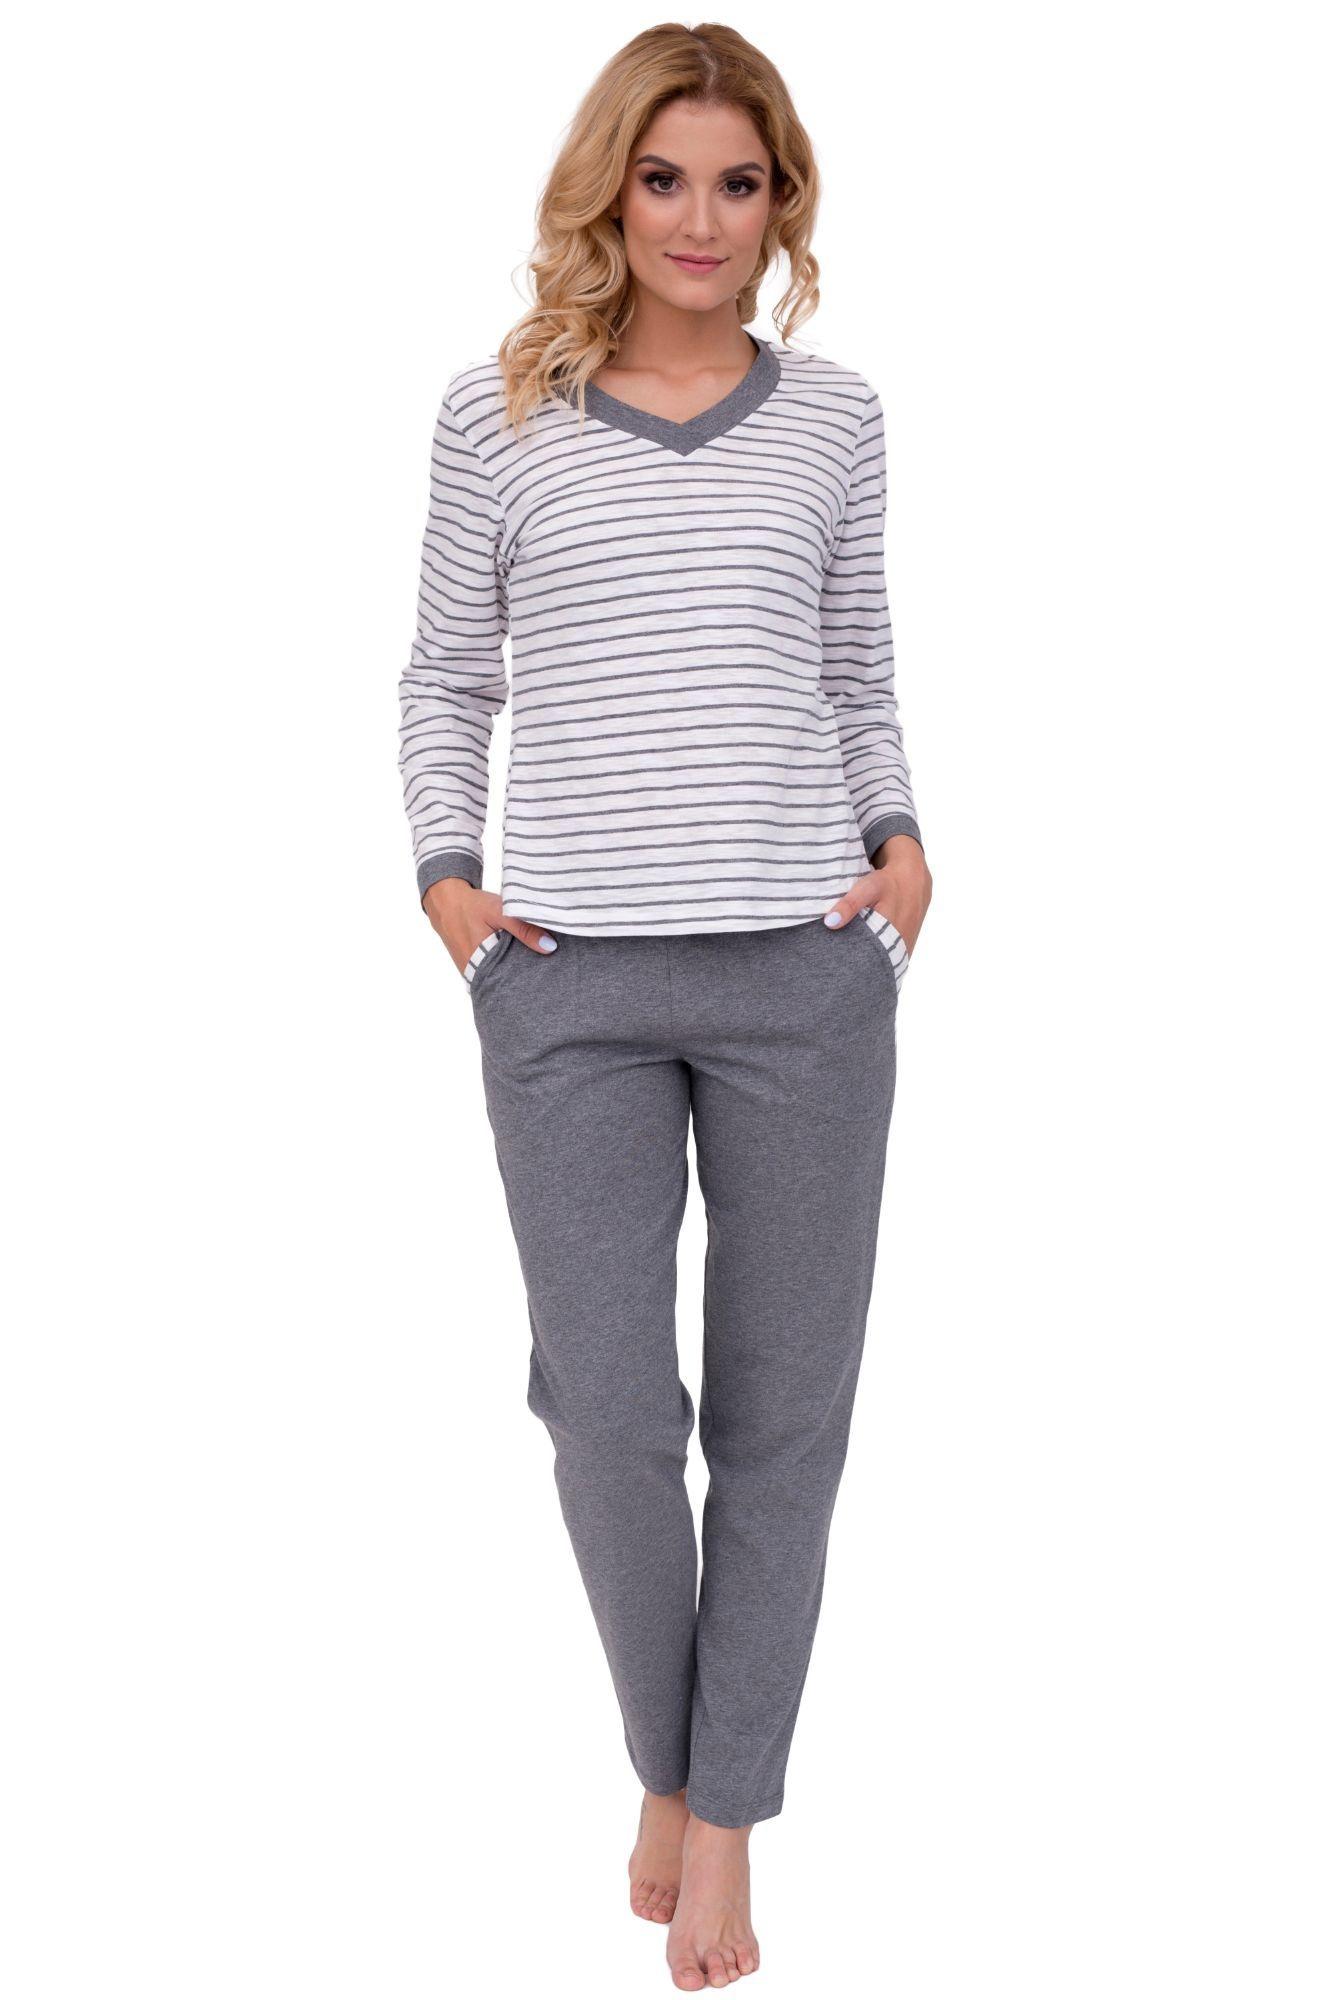 ee6a7d8ec1c Luxusní dámské bavlněné pyžamo Lucie šedé s dlouhými rukávy